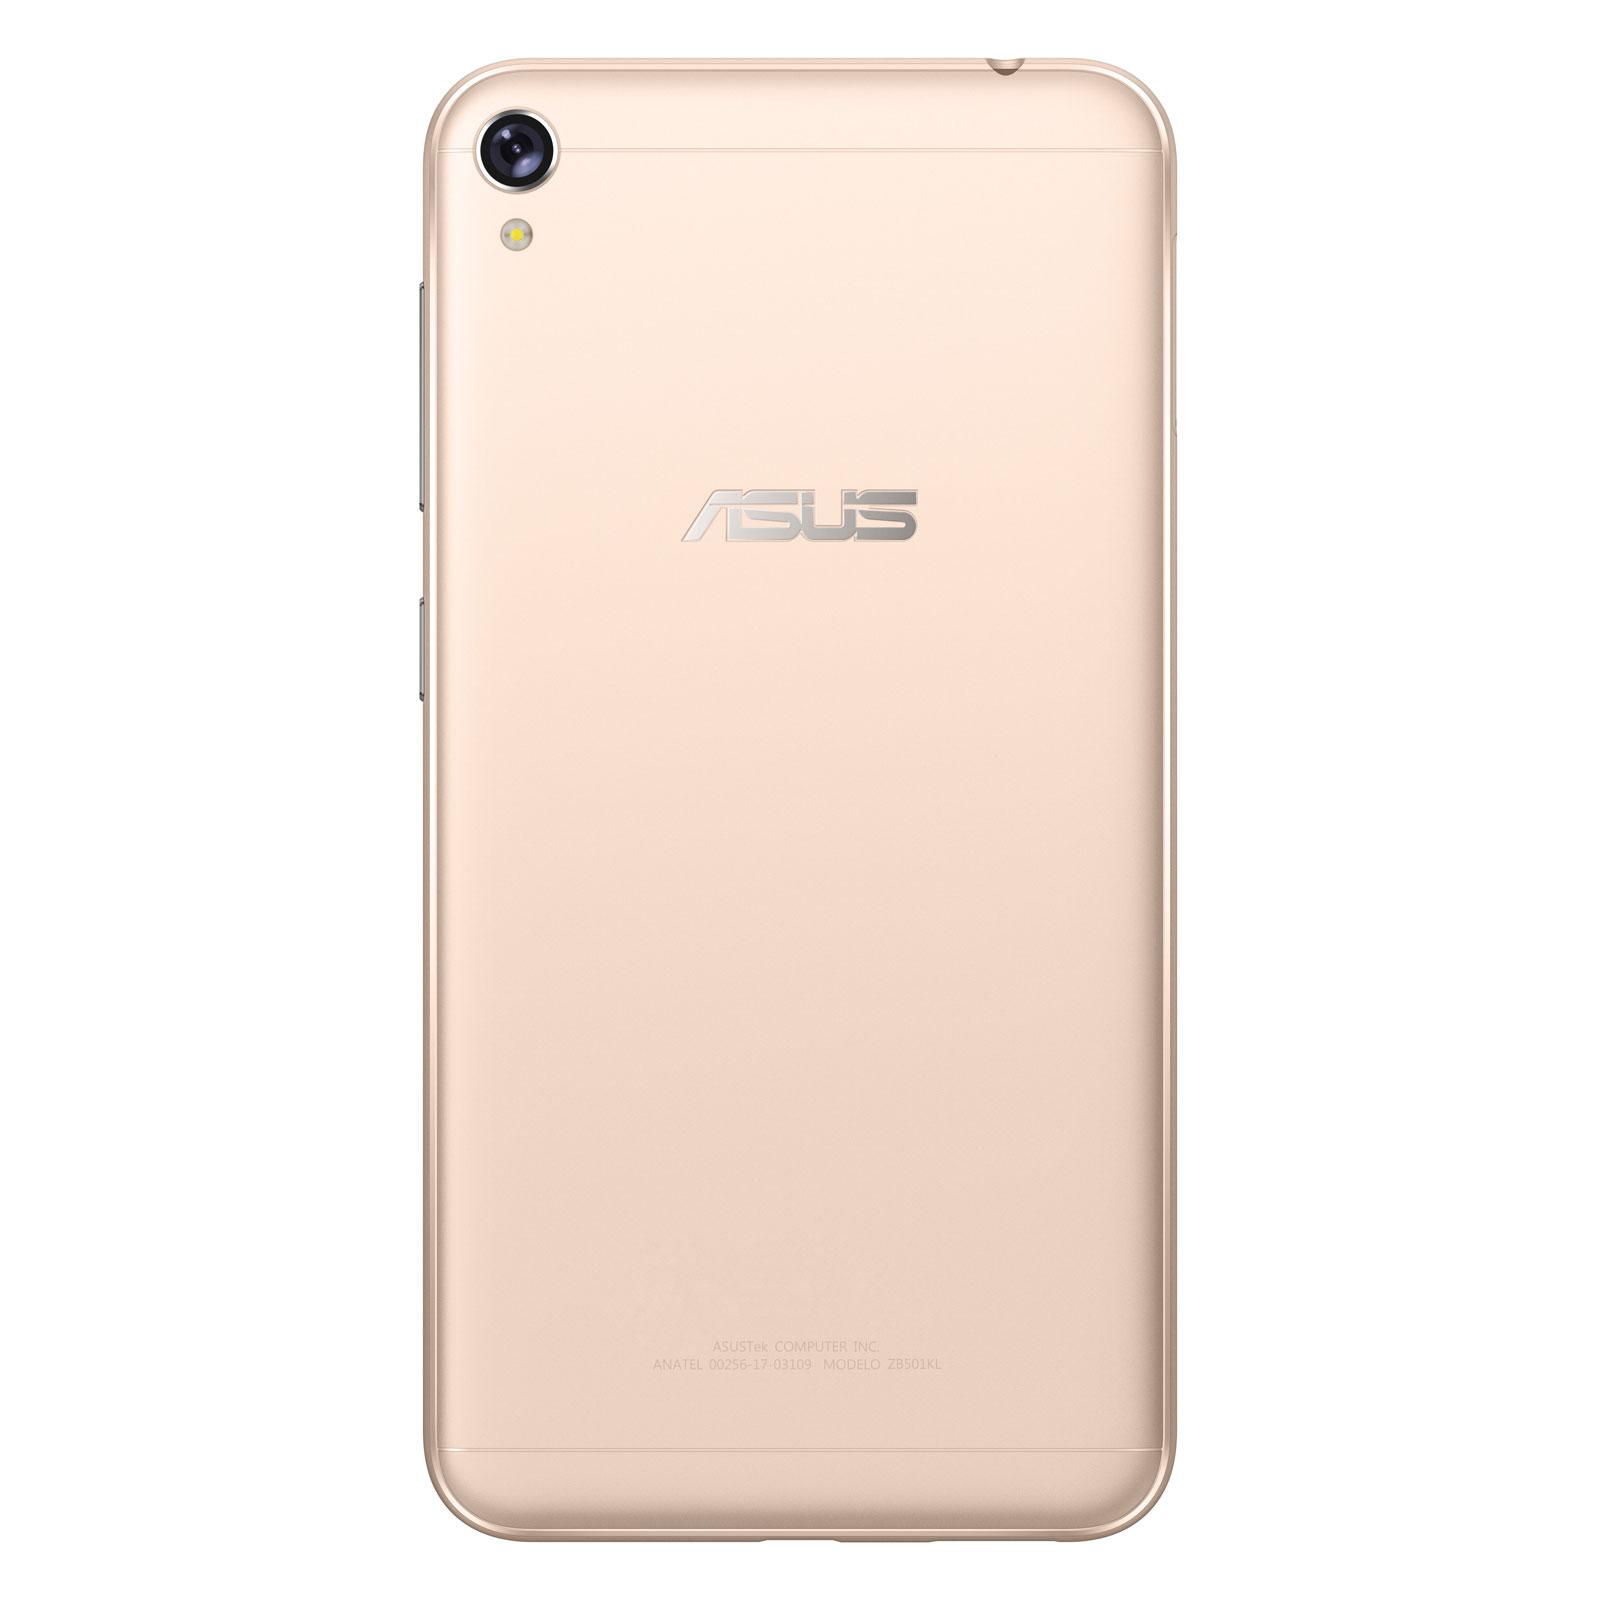 Asus ZenFone Live ZB501KL Gold 16Go - Téléphonie Asus - 2